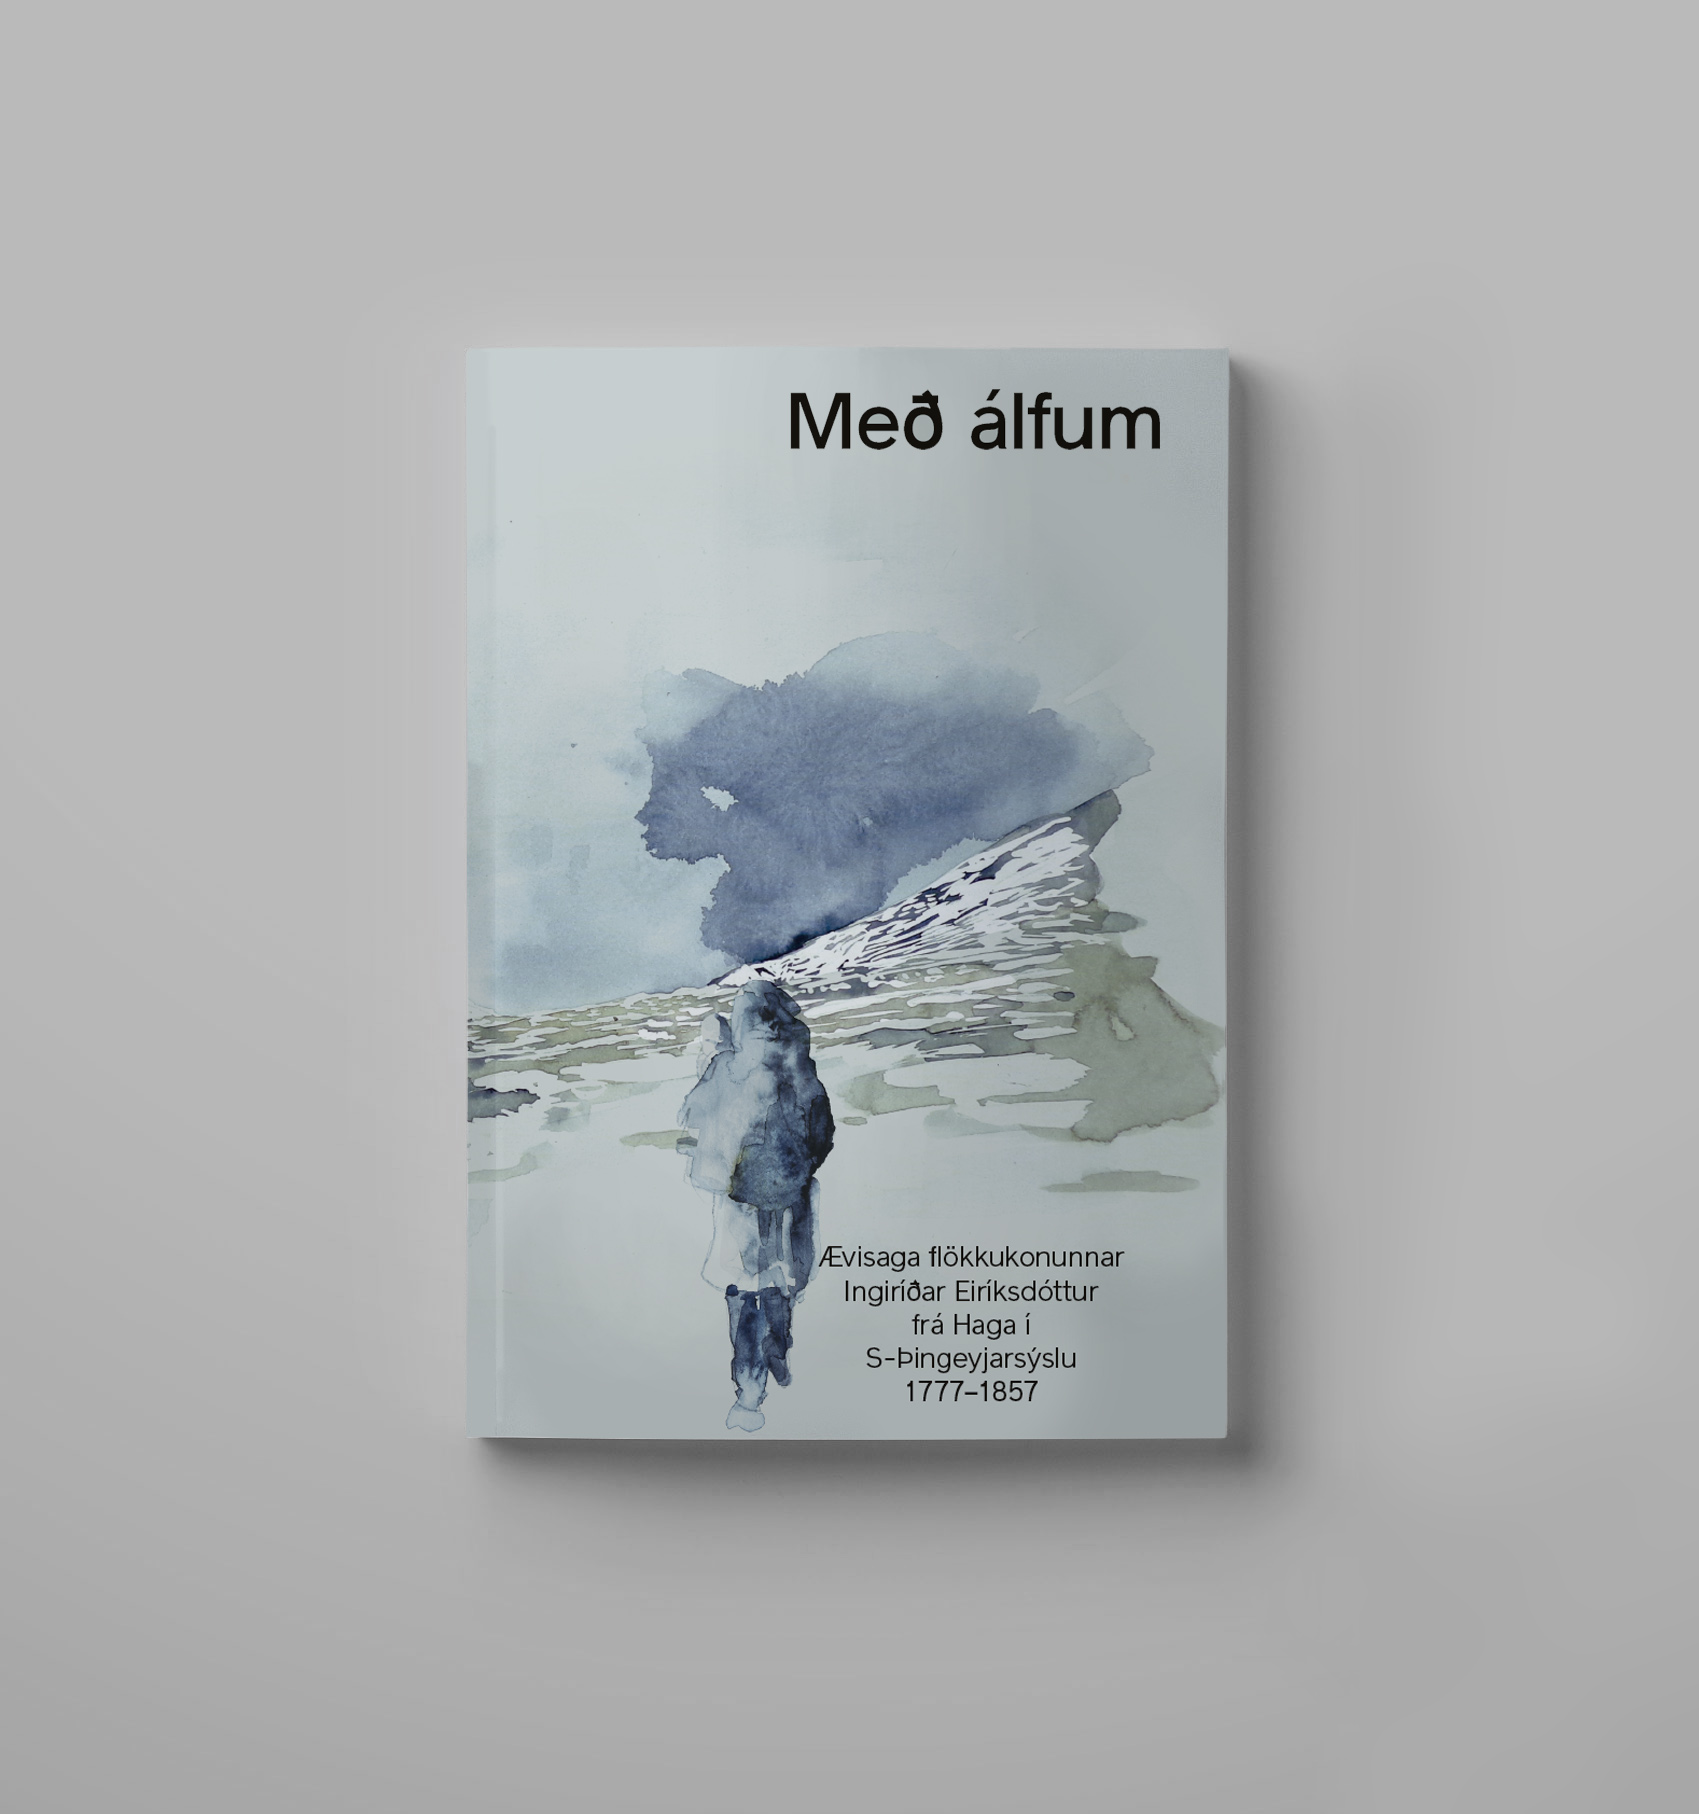 med-alfum-cover.jpg